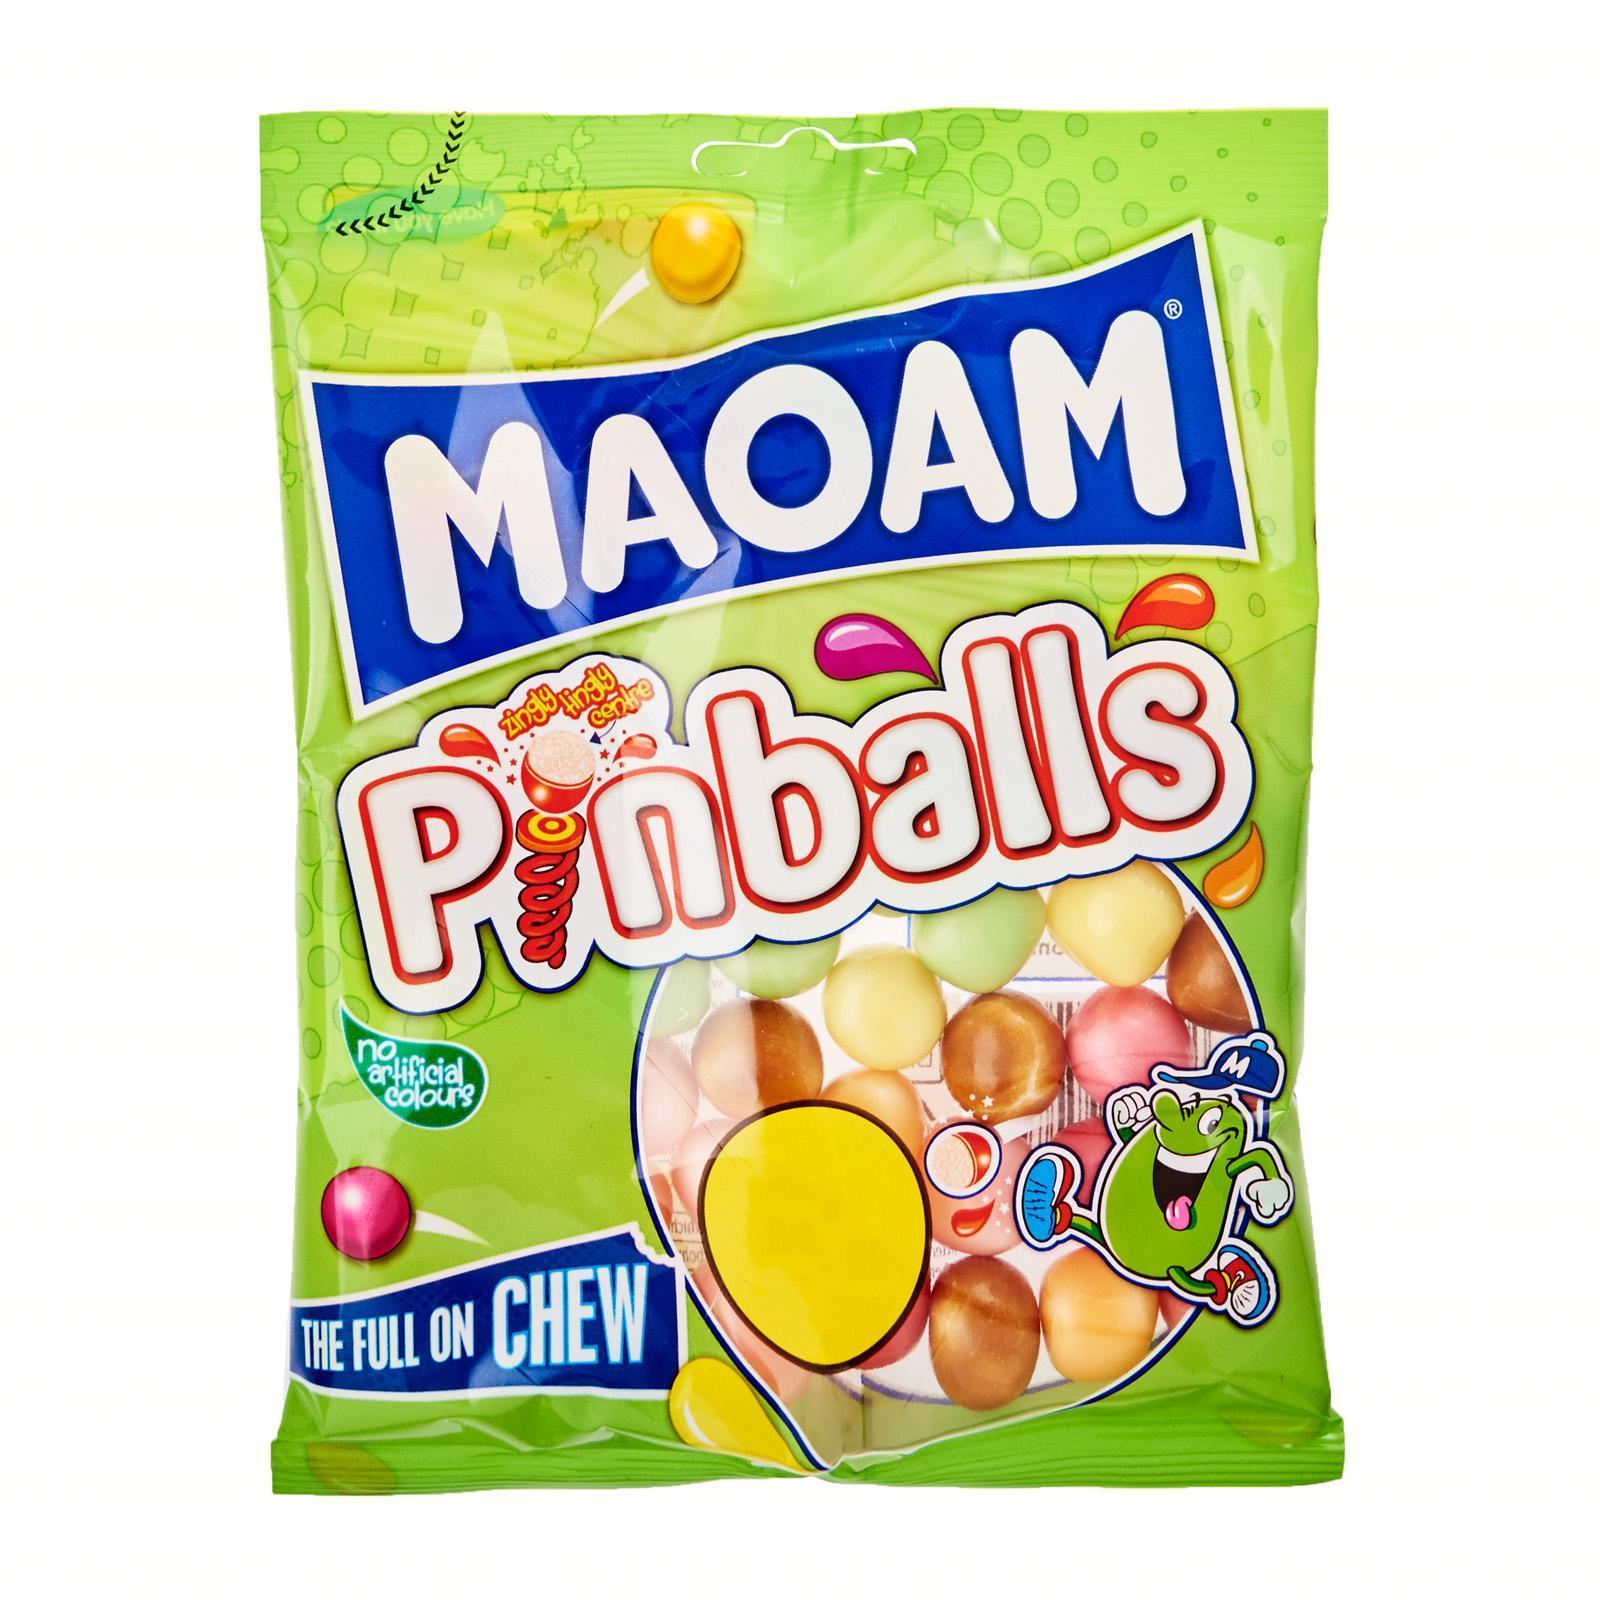 Maoam Pinballs By Redmart.